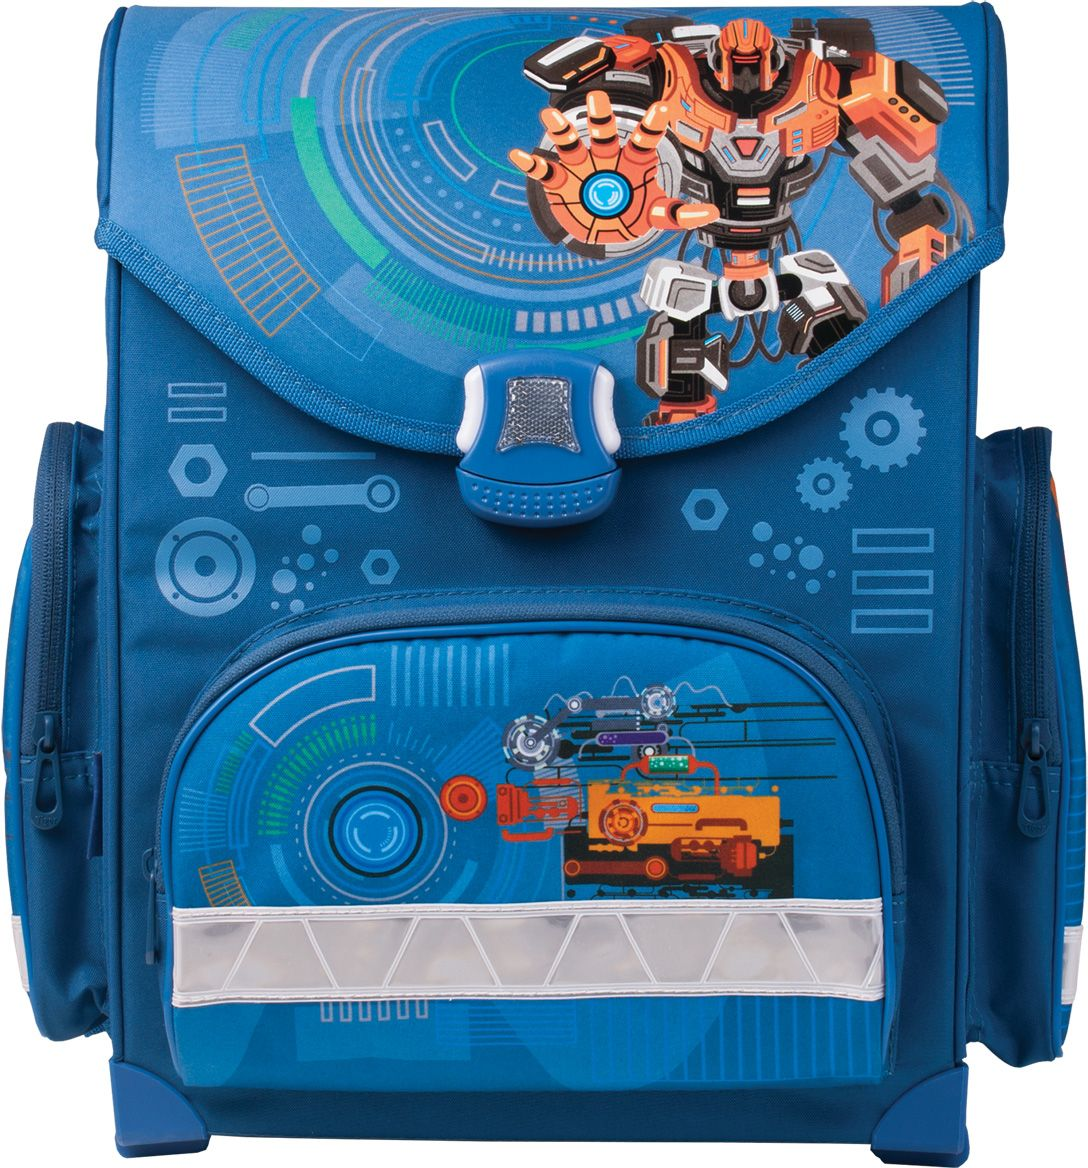 Tiger Enterprise Рюкзак детский Робот72523WDСобираться в школу гораздо веселее, когда твои учебники и тетради охраняет крутой робот - почти как настоящий. Прочный, легкий и устойчивый ранец с удобной застежкой - верный спутник юного изобретателя.